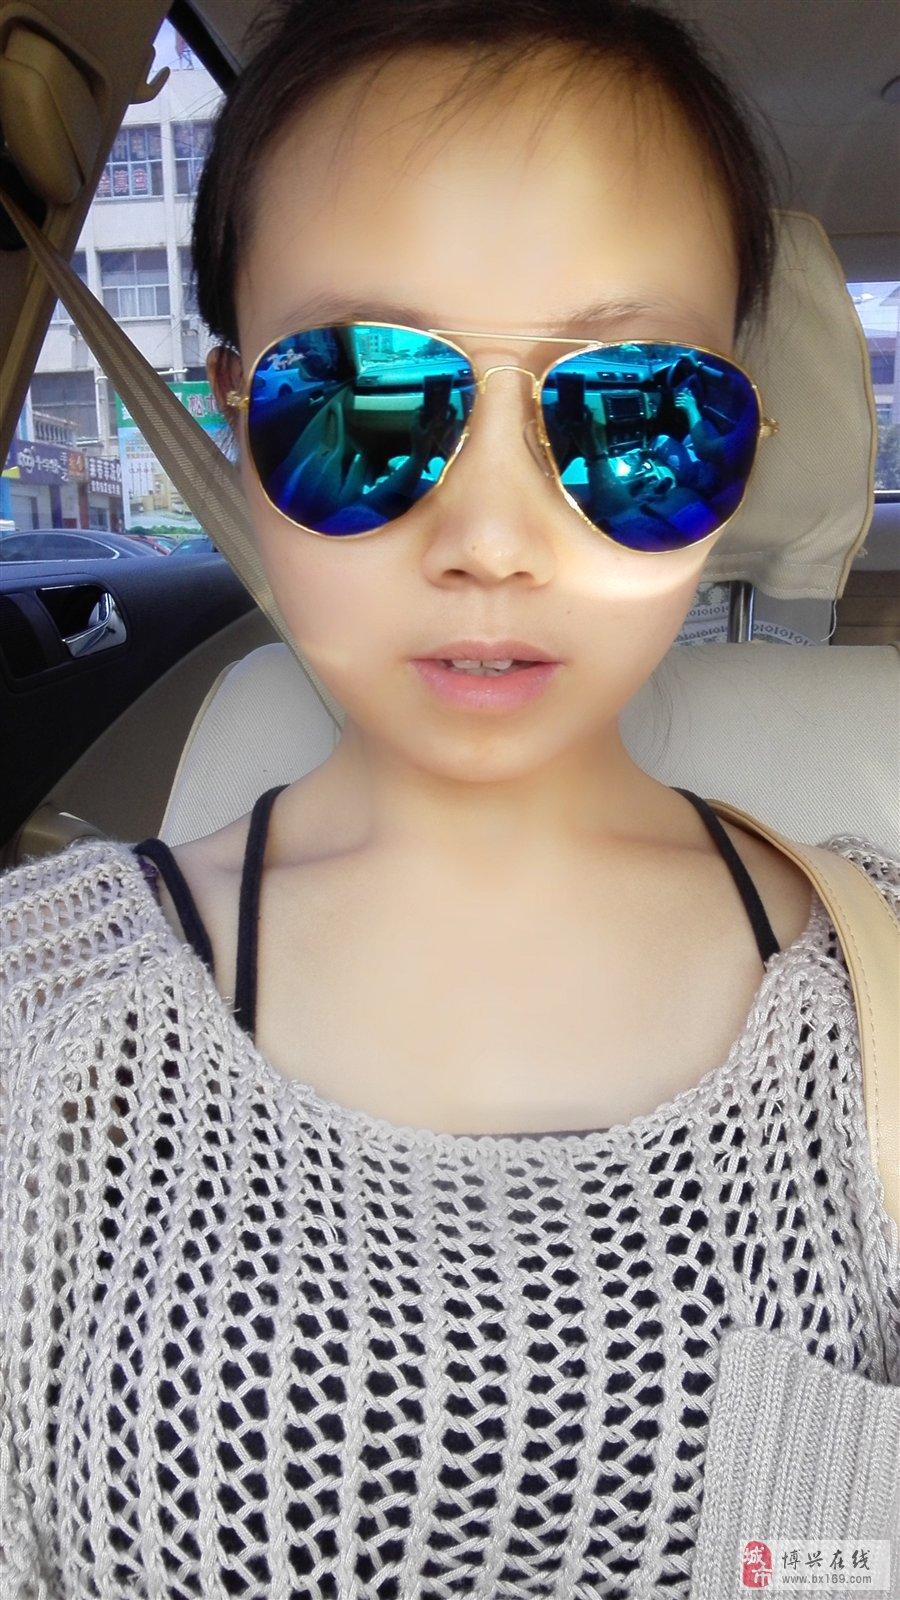 【个体秀场】王响28岁天蝎座美女的的日本美女屁股_美女秀_博图片